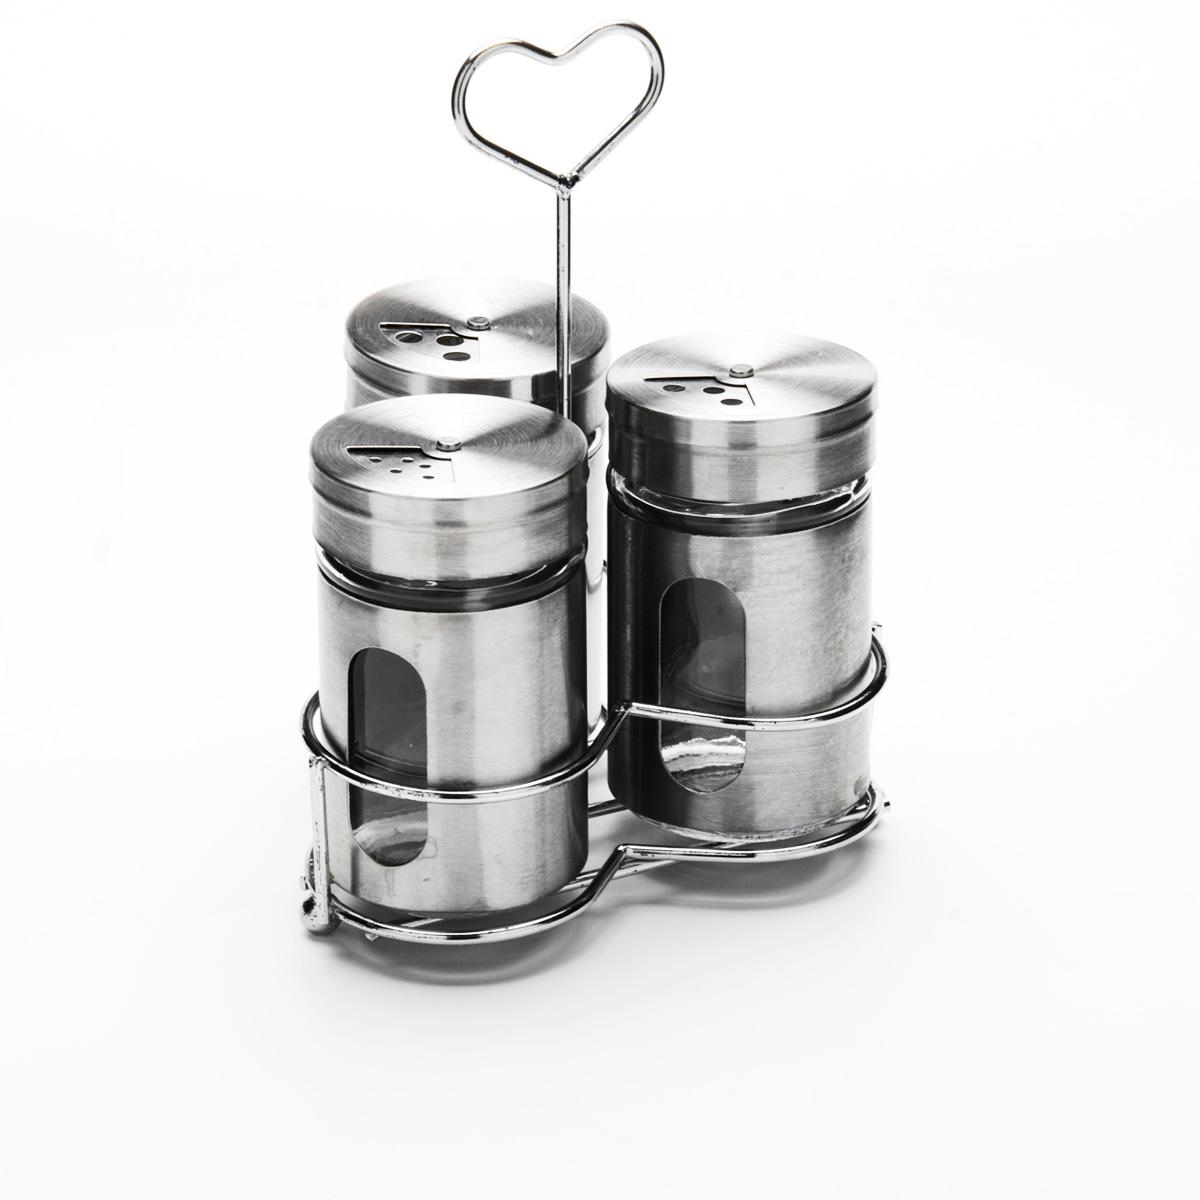 Набор для специй Mayer & Boch, на подставке, 4 предмета23480Набор для специй Mayer & Boch состоит из трех баночек и подставки. Баночки выполнены из стекла и высококачественной нержавеющей стали, оснащены плотно закручивающимися крышками, которые имеют три варианта добавления специй: через мелкие, средние или крупные отверстия. Для баночек предусмотрена металлическая подставка с ручкой. Набор для специй Mayer & Boch стильно оформит интерьер кухни и станет незаменимым при приготовлении пищи. Компактный, не занимает много места и всегда будет под рукой.